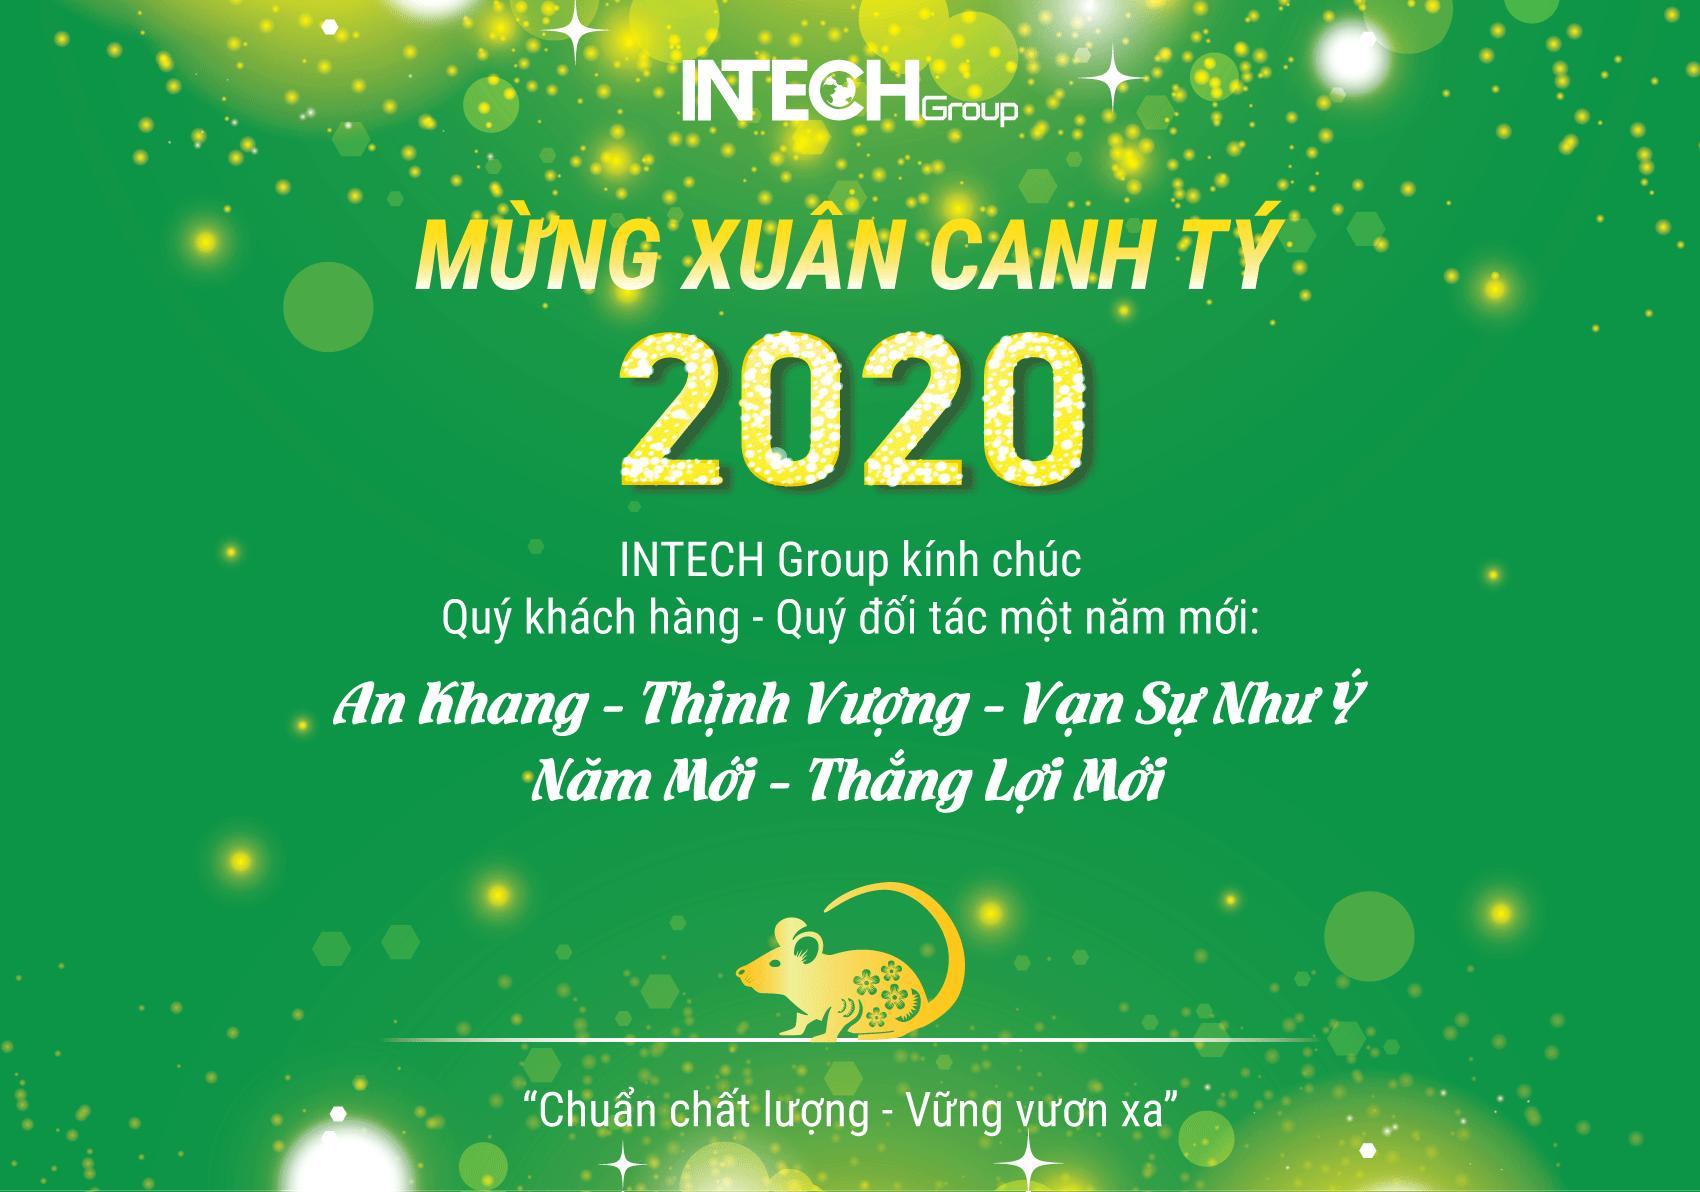 INTECH - CHÚC MỪNG NĂM MỚI 2020